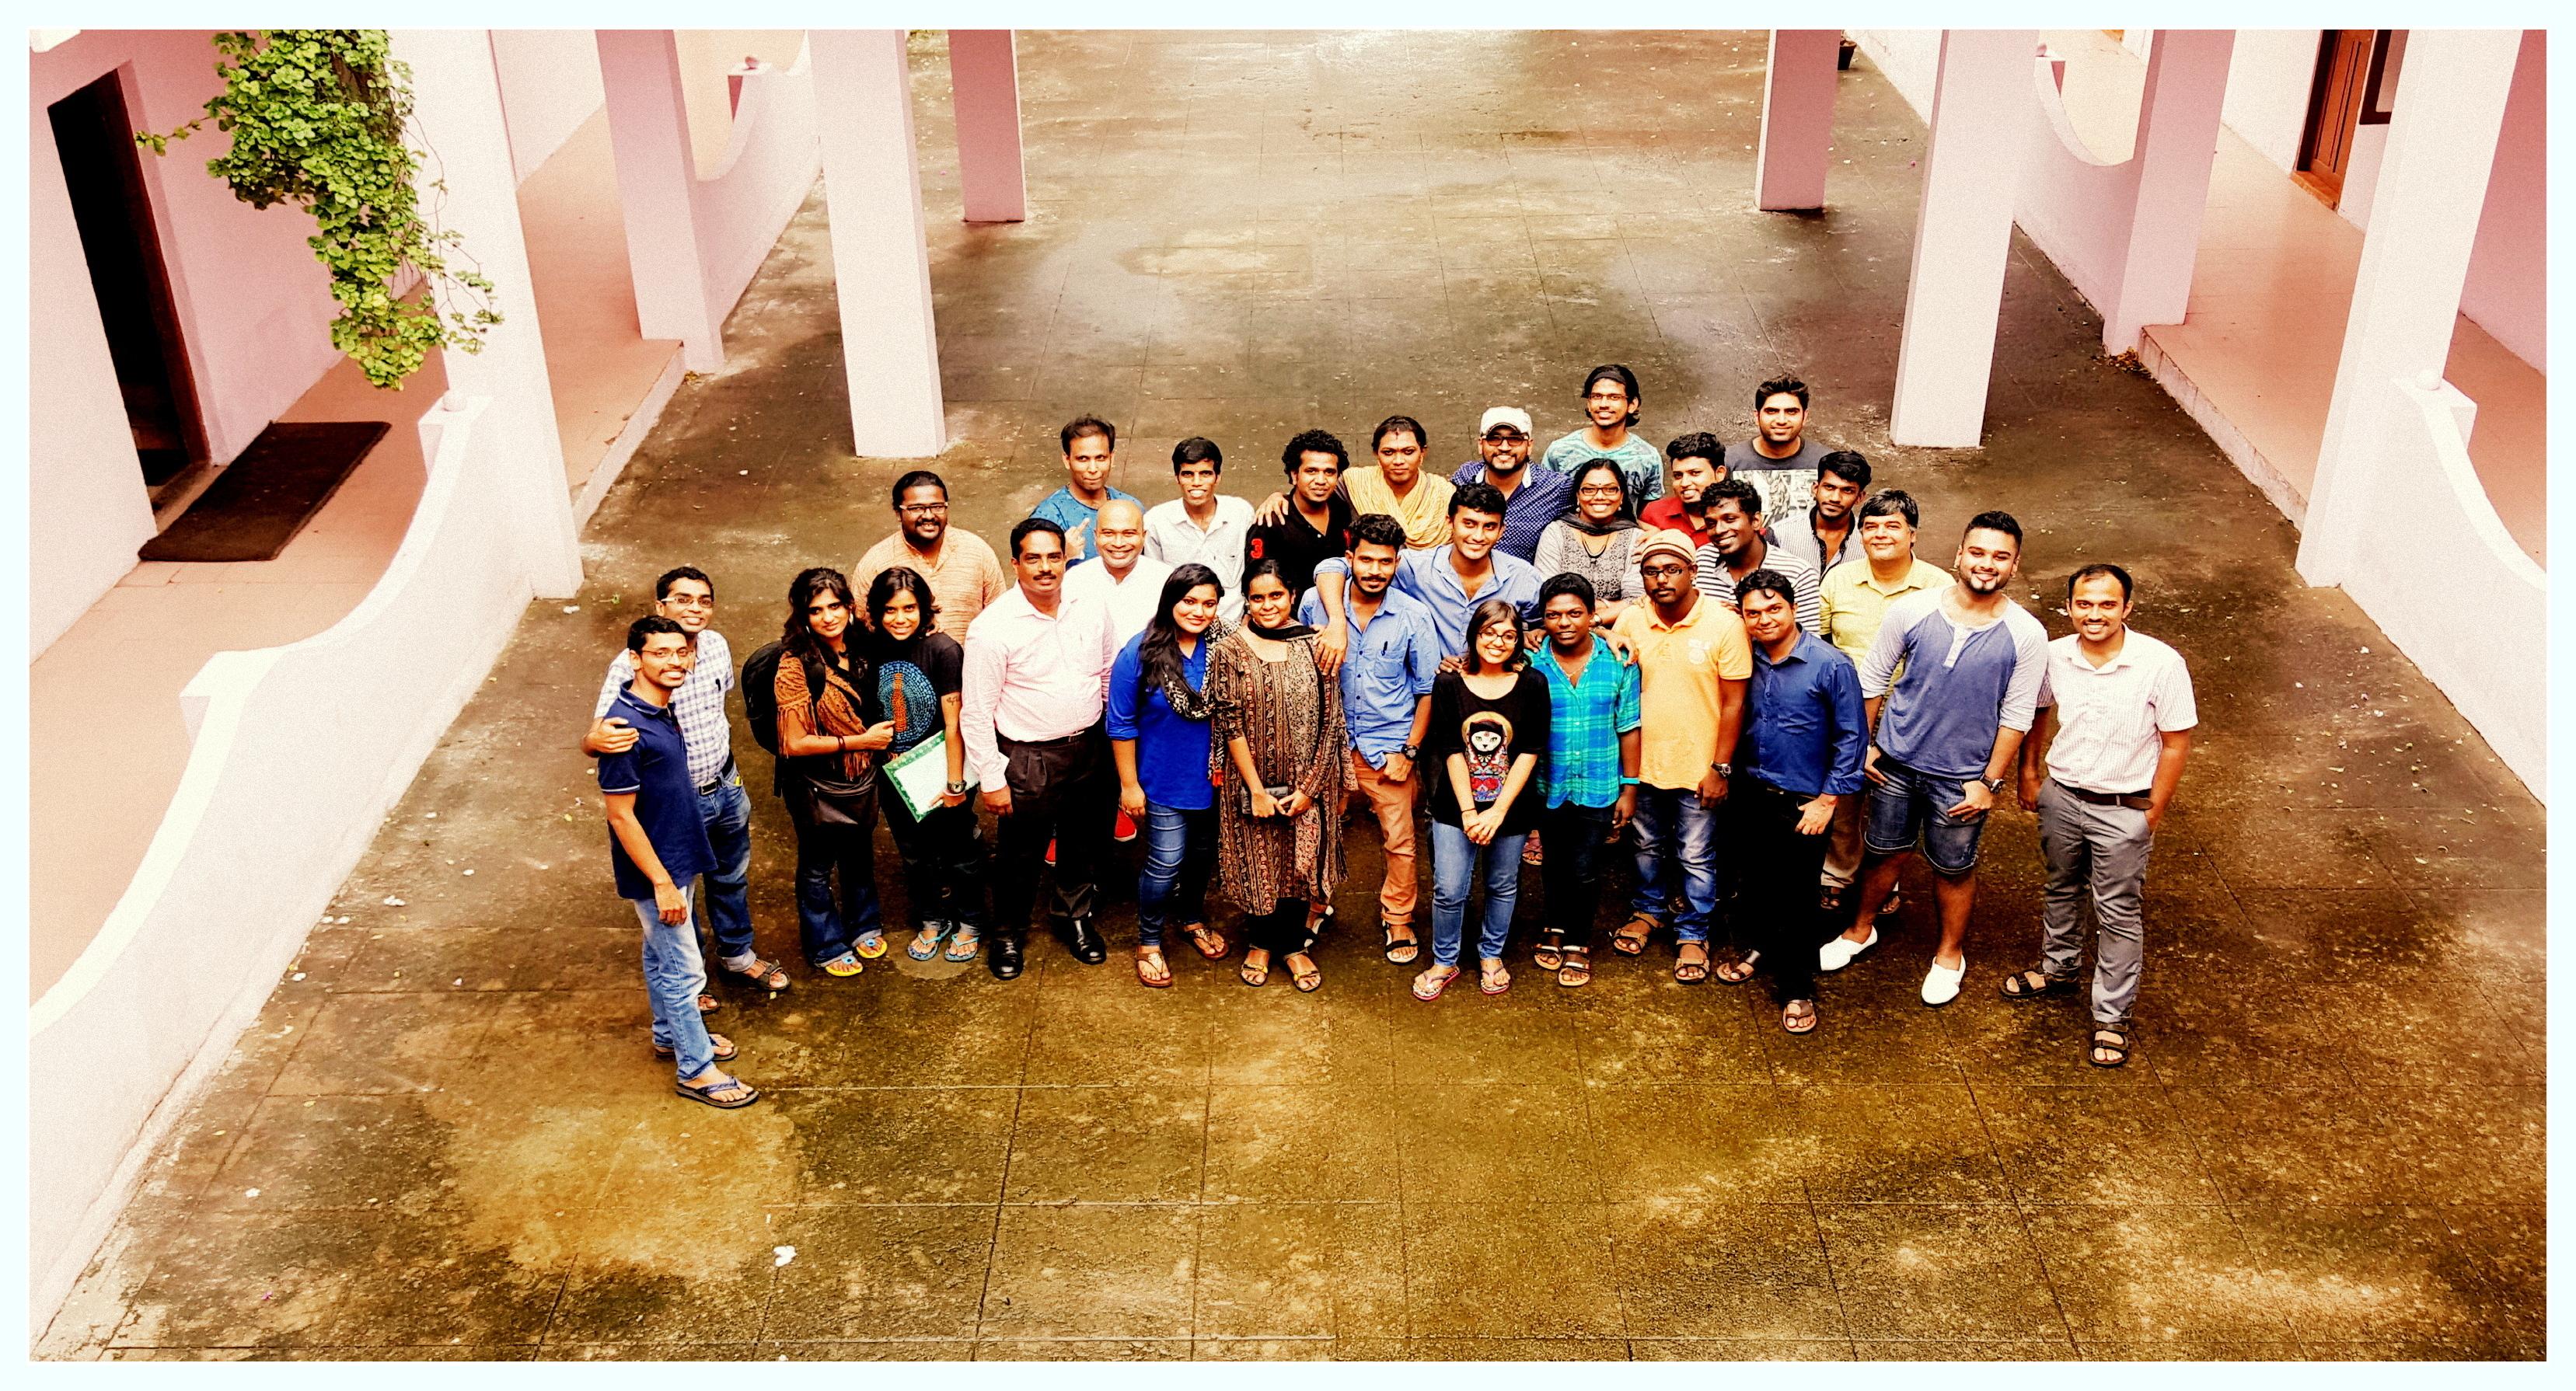 PCWQA' Participants